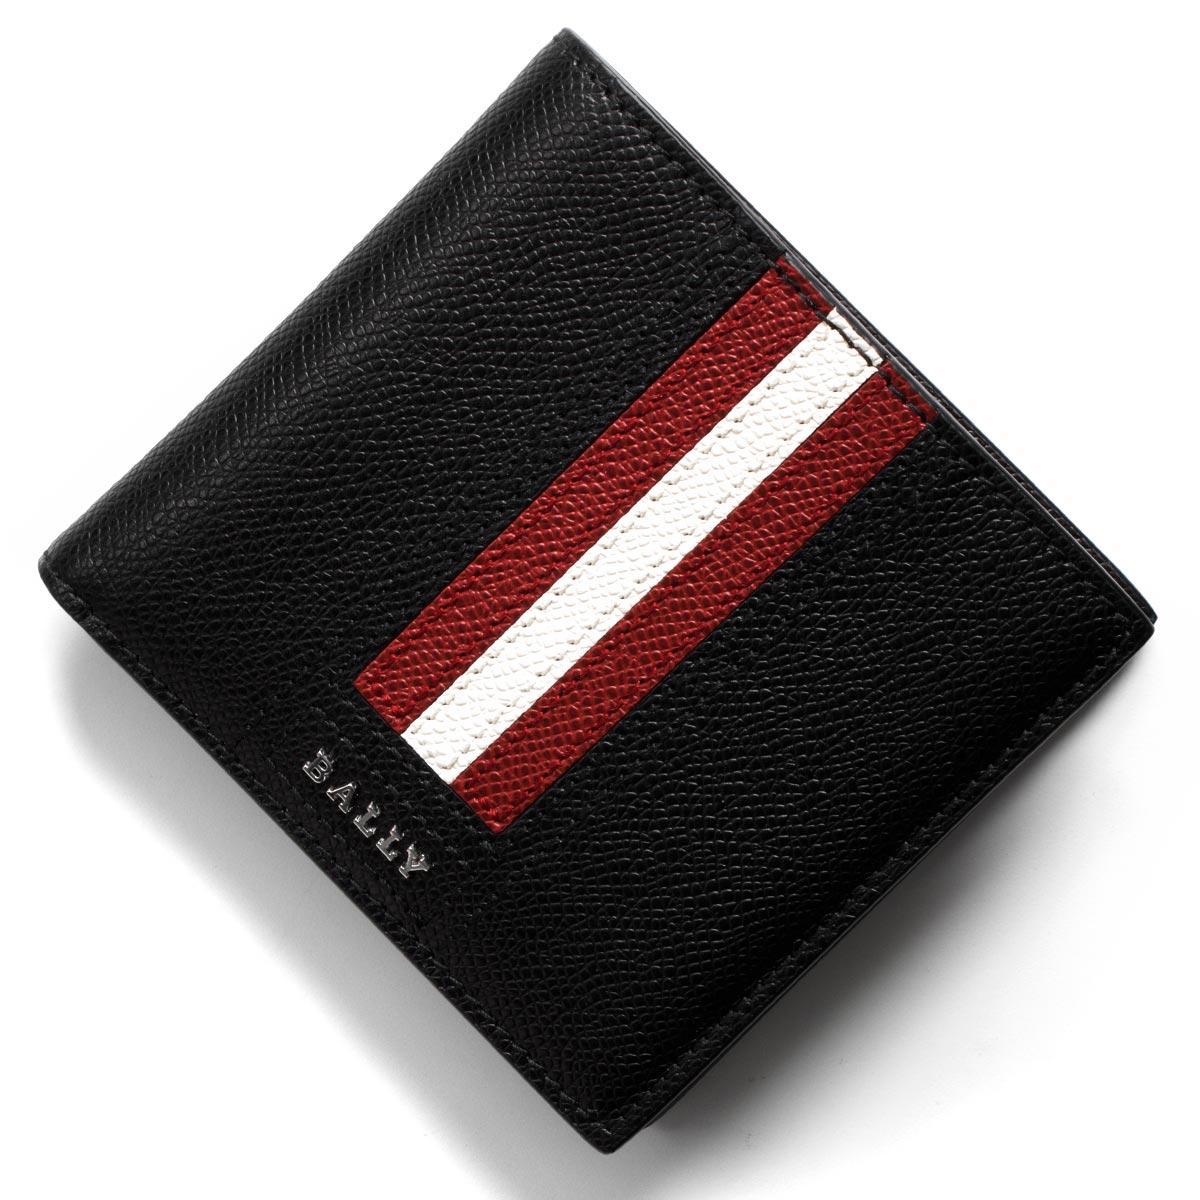 バリー 二つ折り財布 財布 メンズ テイゼル ブラック TEISEL LT 110 6219664 BALLY